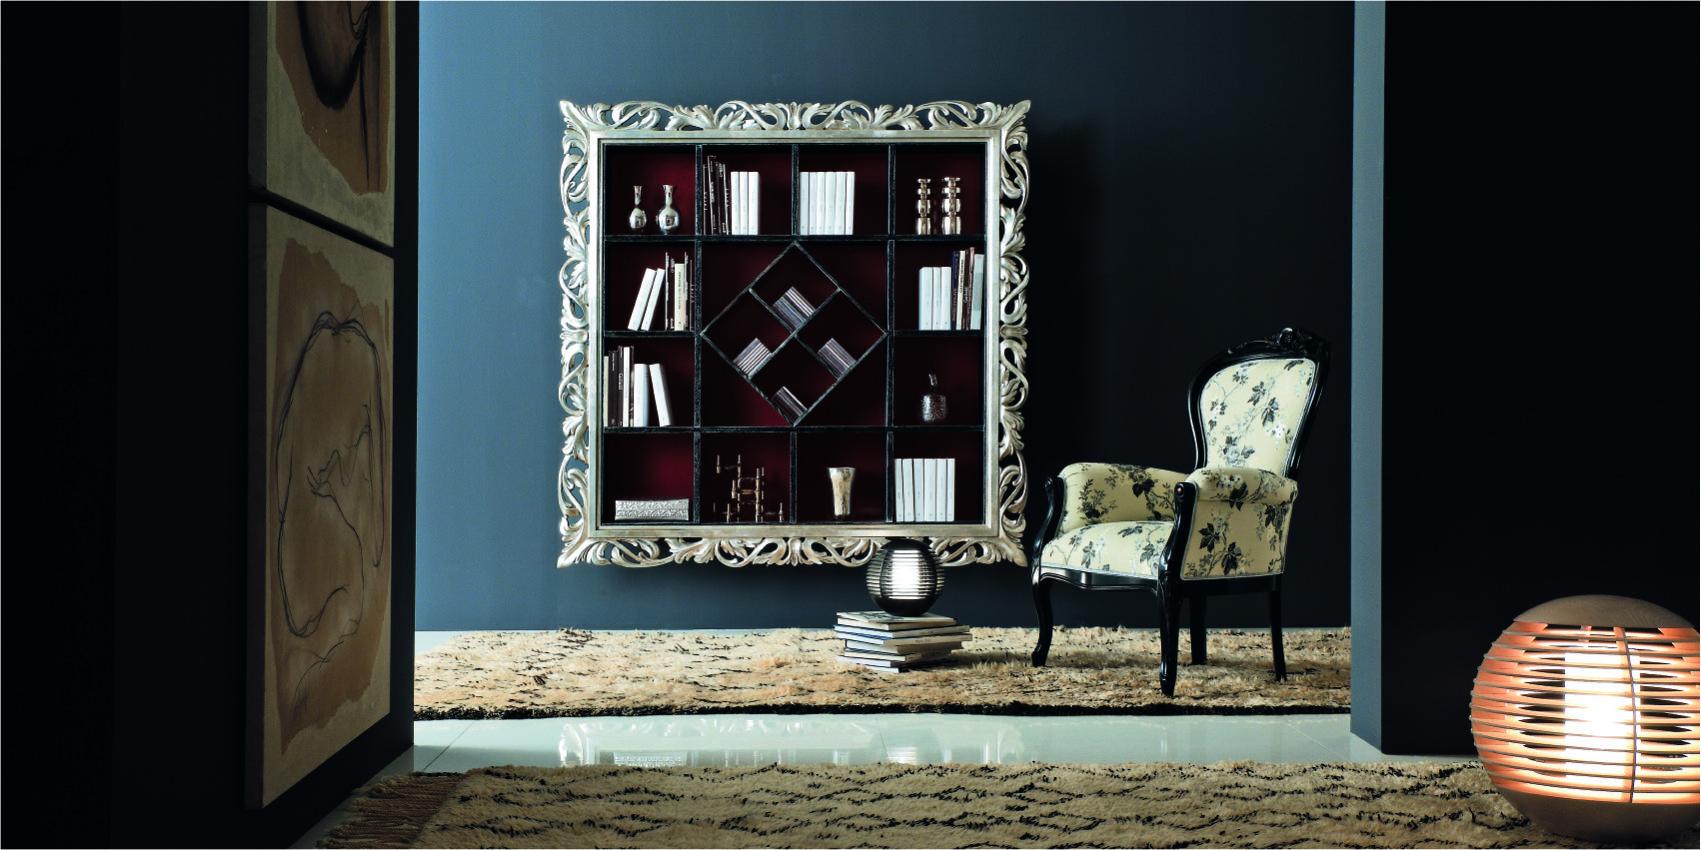 Библиотека навесная 02 giorgiocasa memorie veneziane интерье.